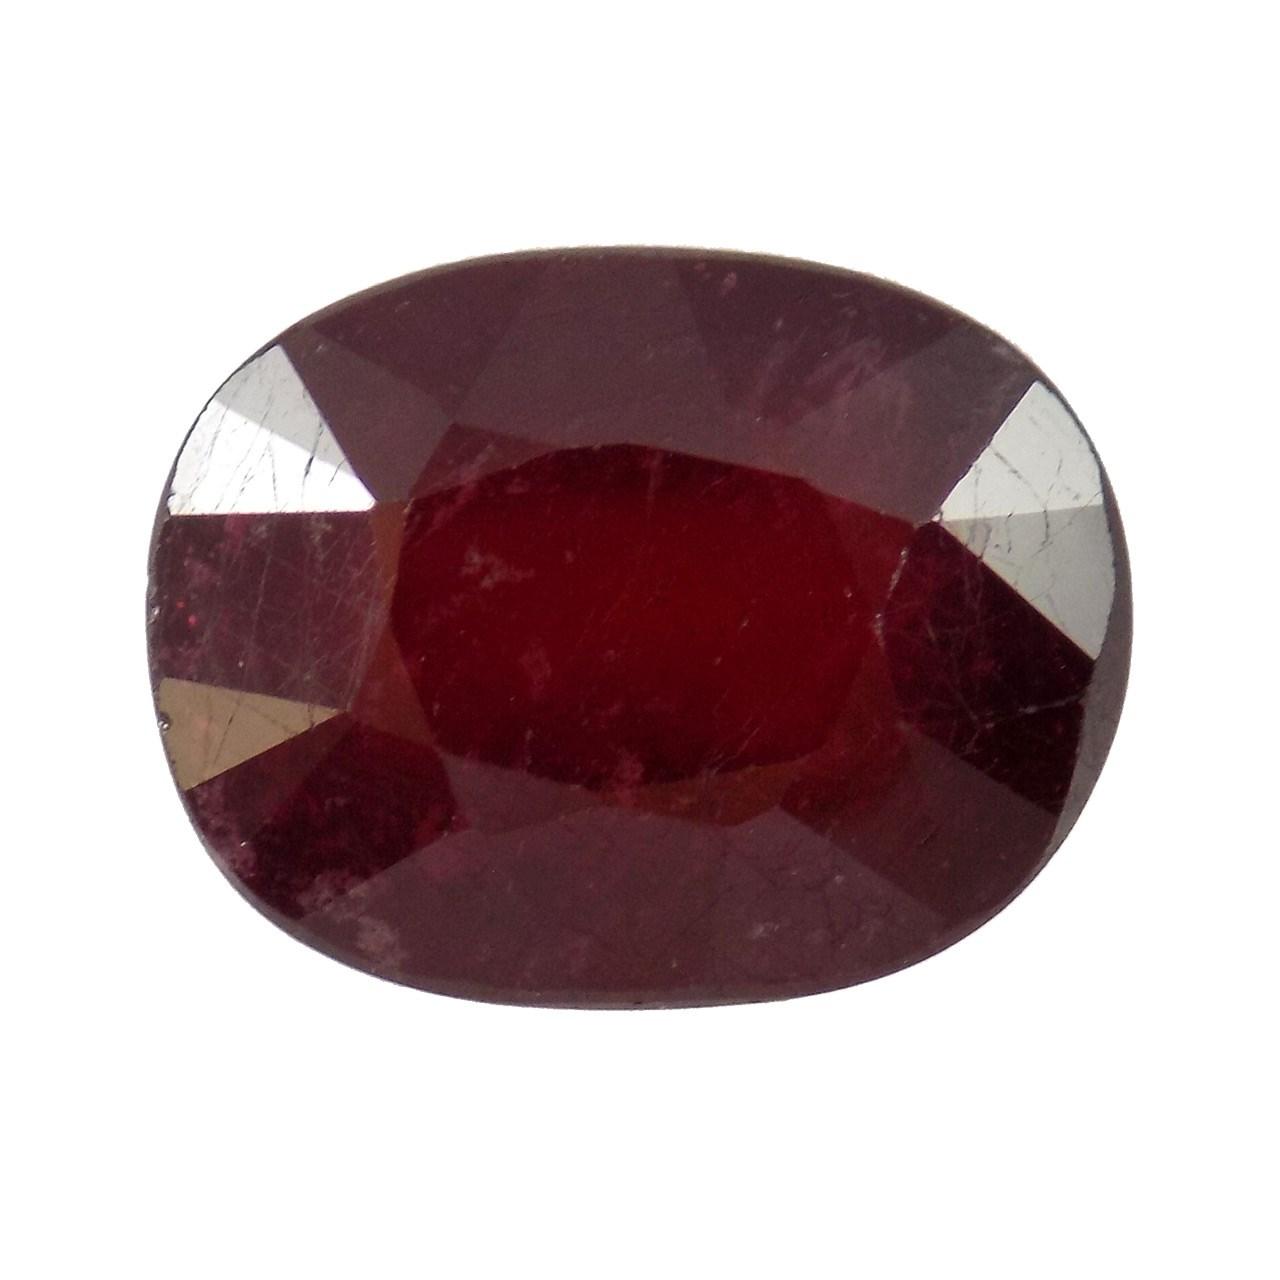 قیمت سنگ یاقوت سرخ تاج گوهر کد TG199